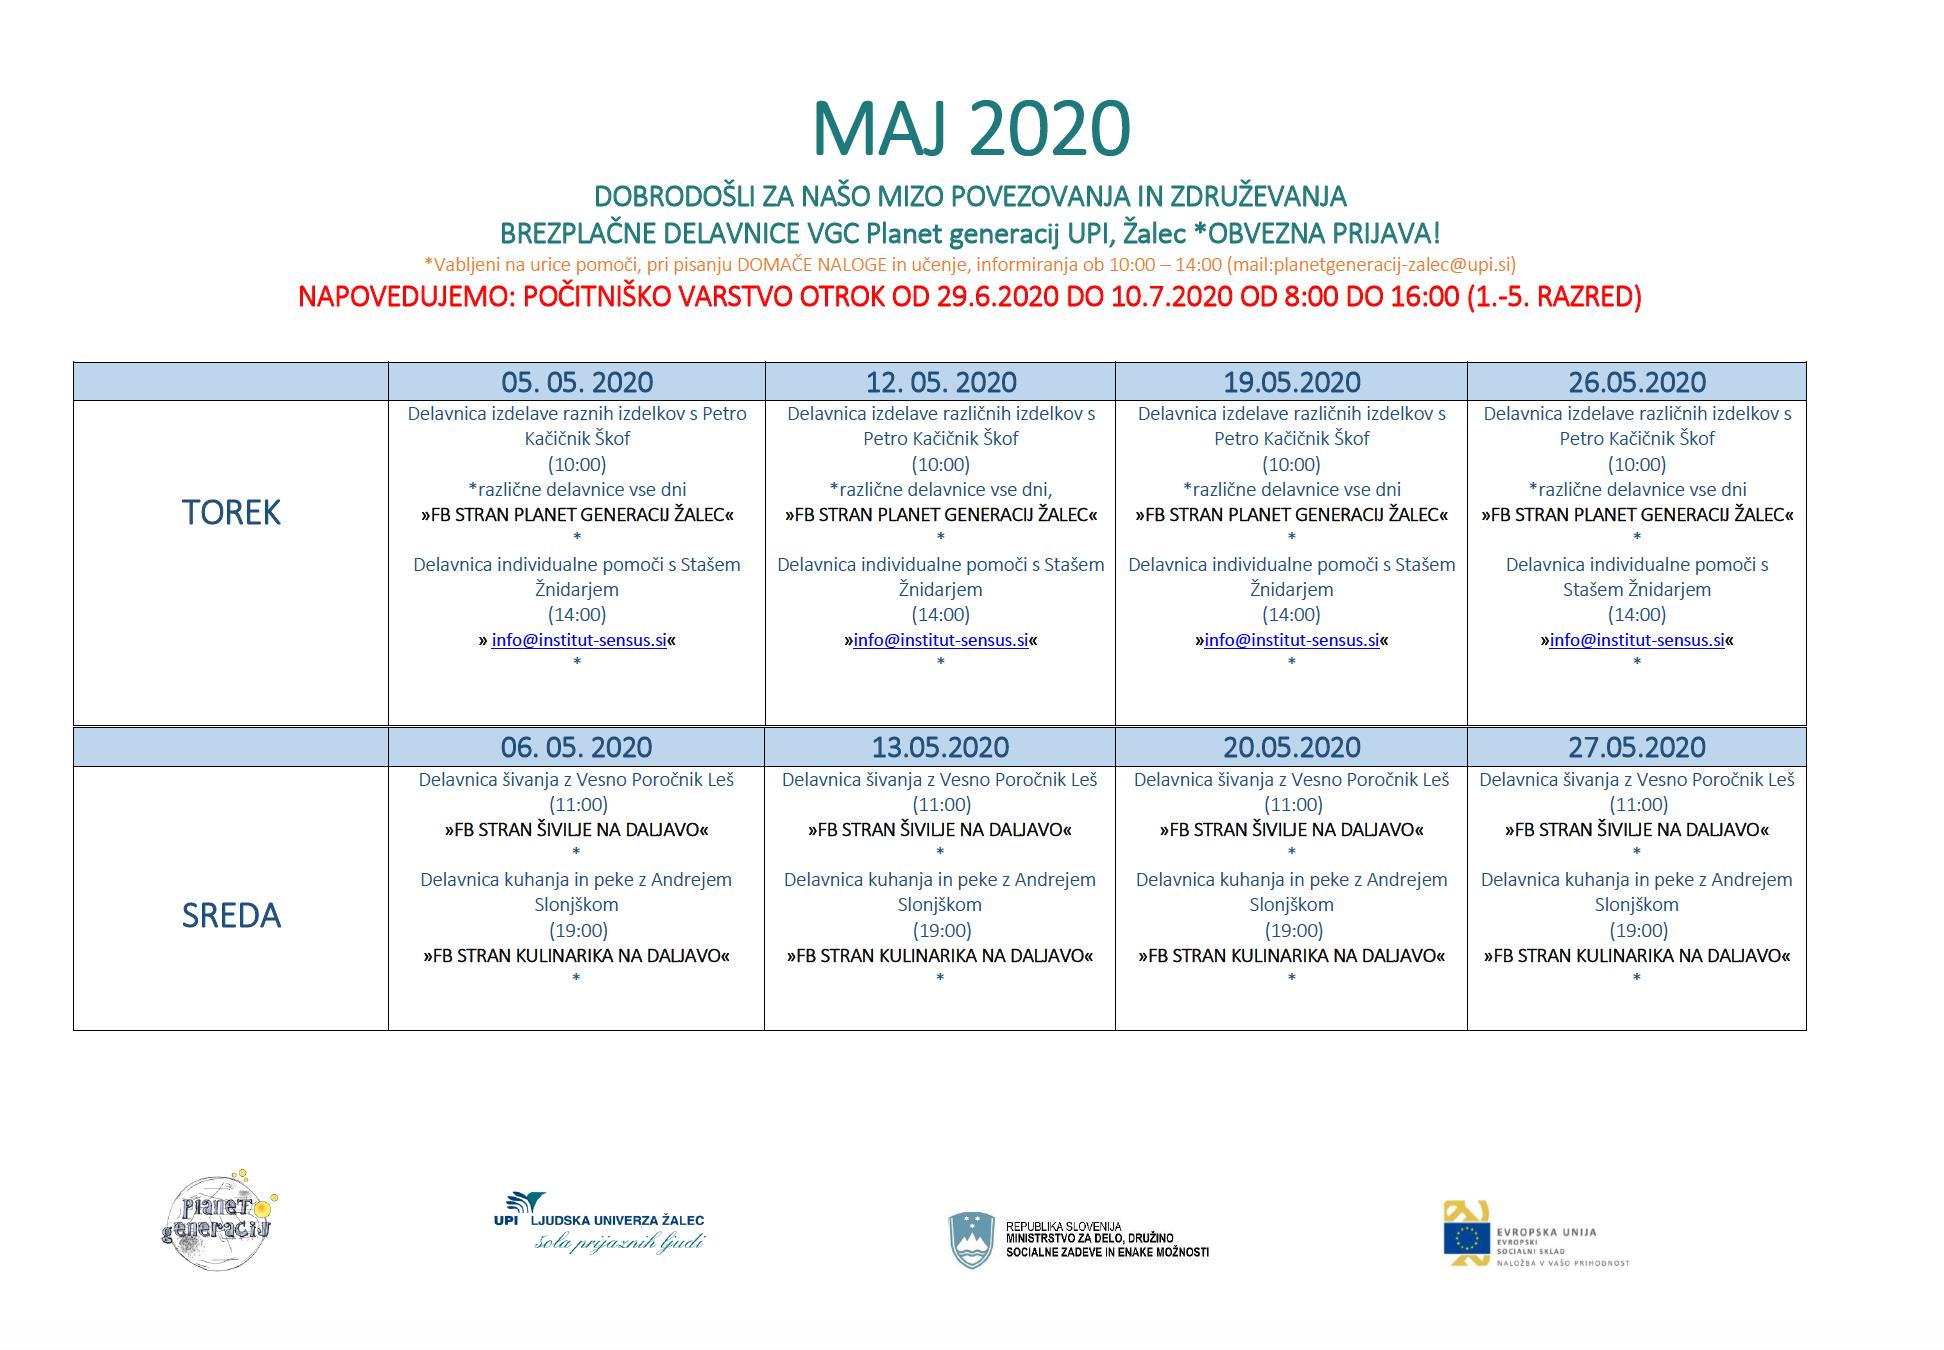 VGC koledar maj